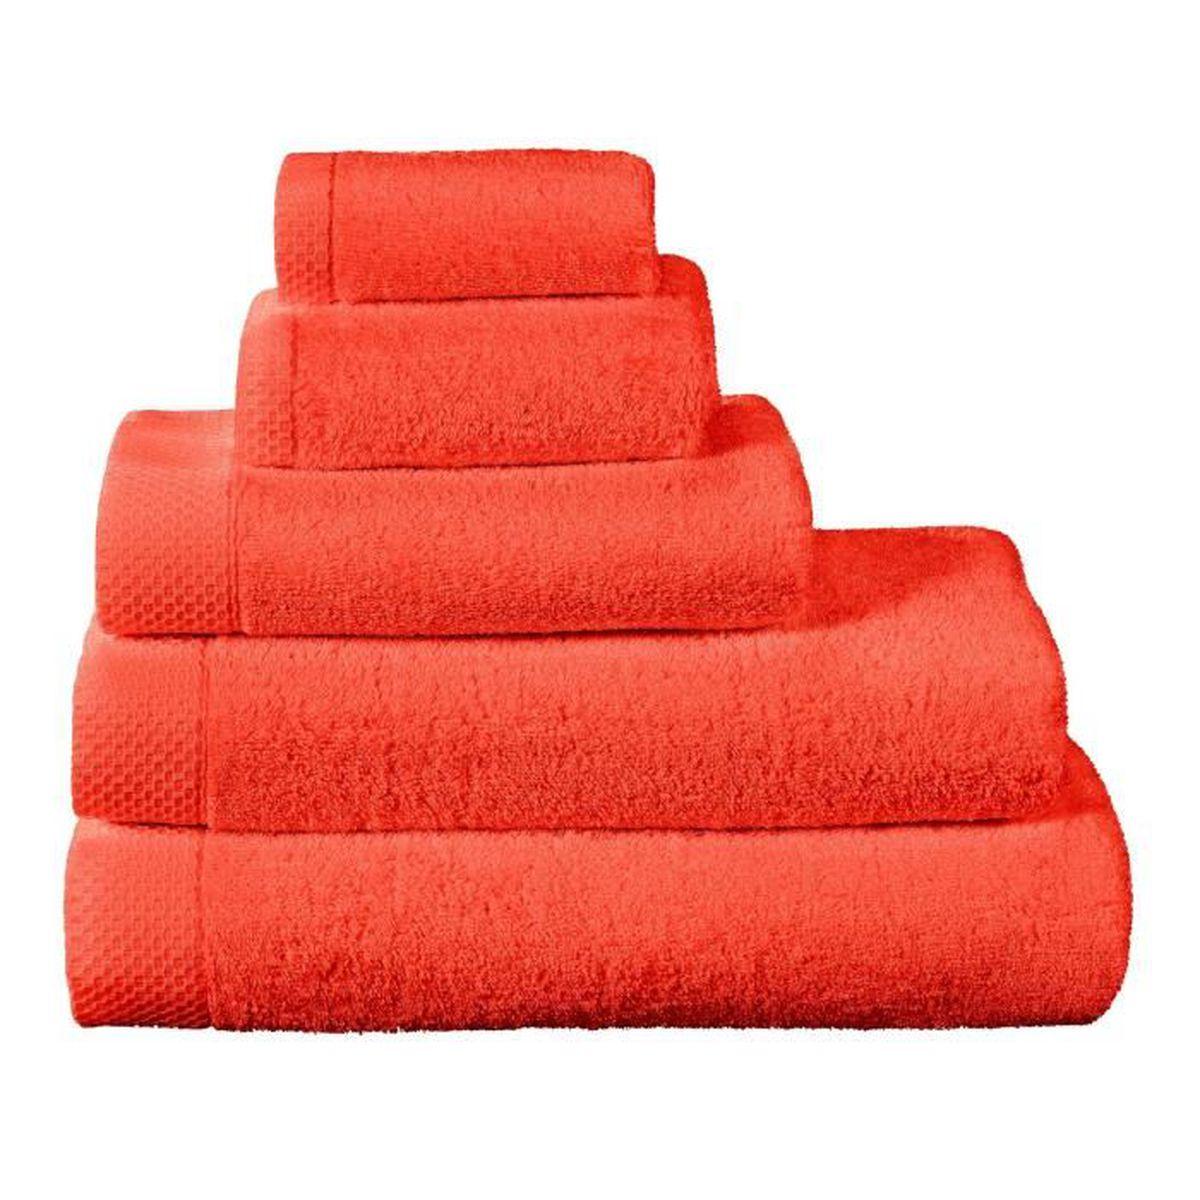 Tapis de bain la mousseuse 60 x 80 corail achat vente tapis de bain cdiscount Tapis de bain mousse memoire